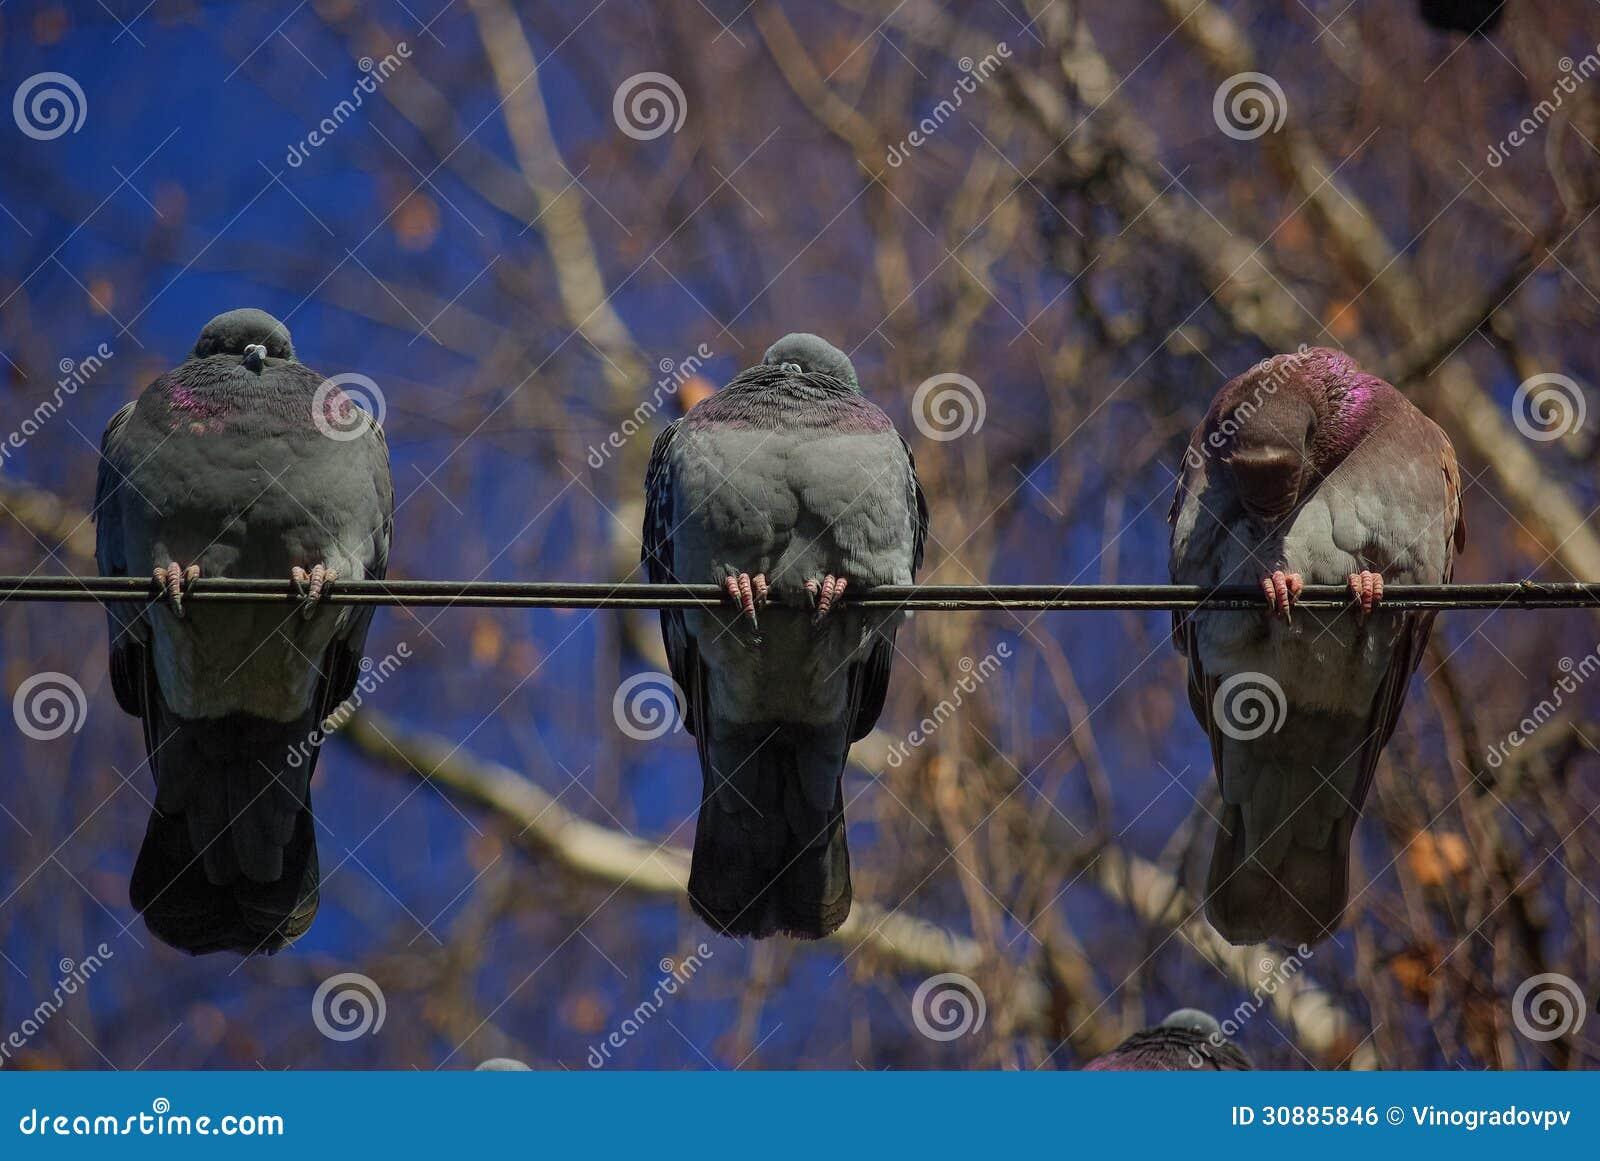 Drei Tauben Auf Einem Draht Stockfoto - Bild von wildnis, hecks ...